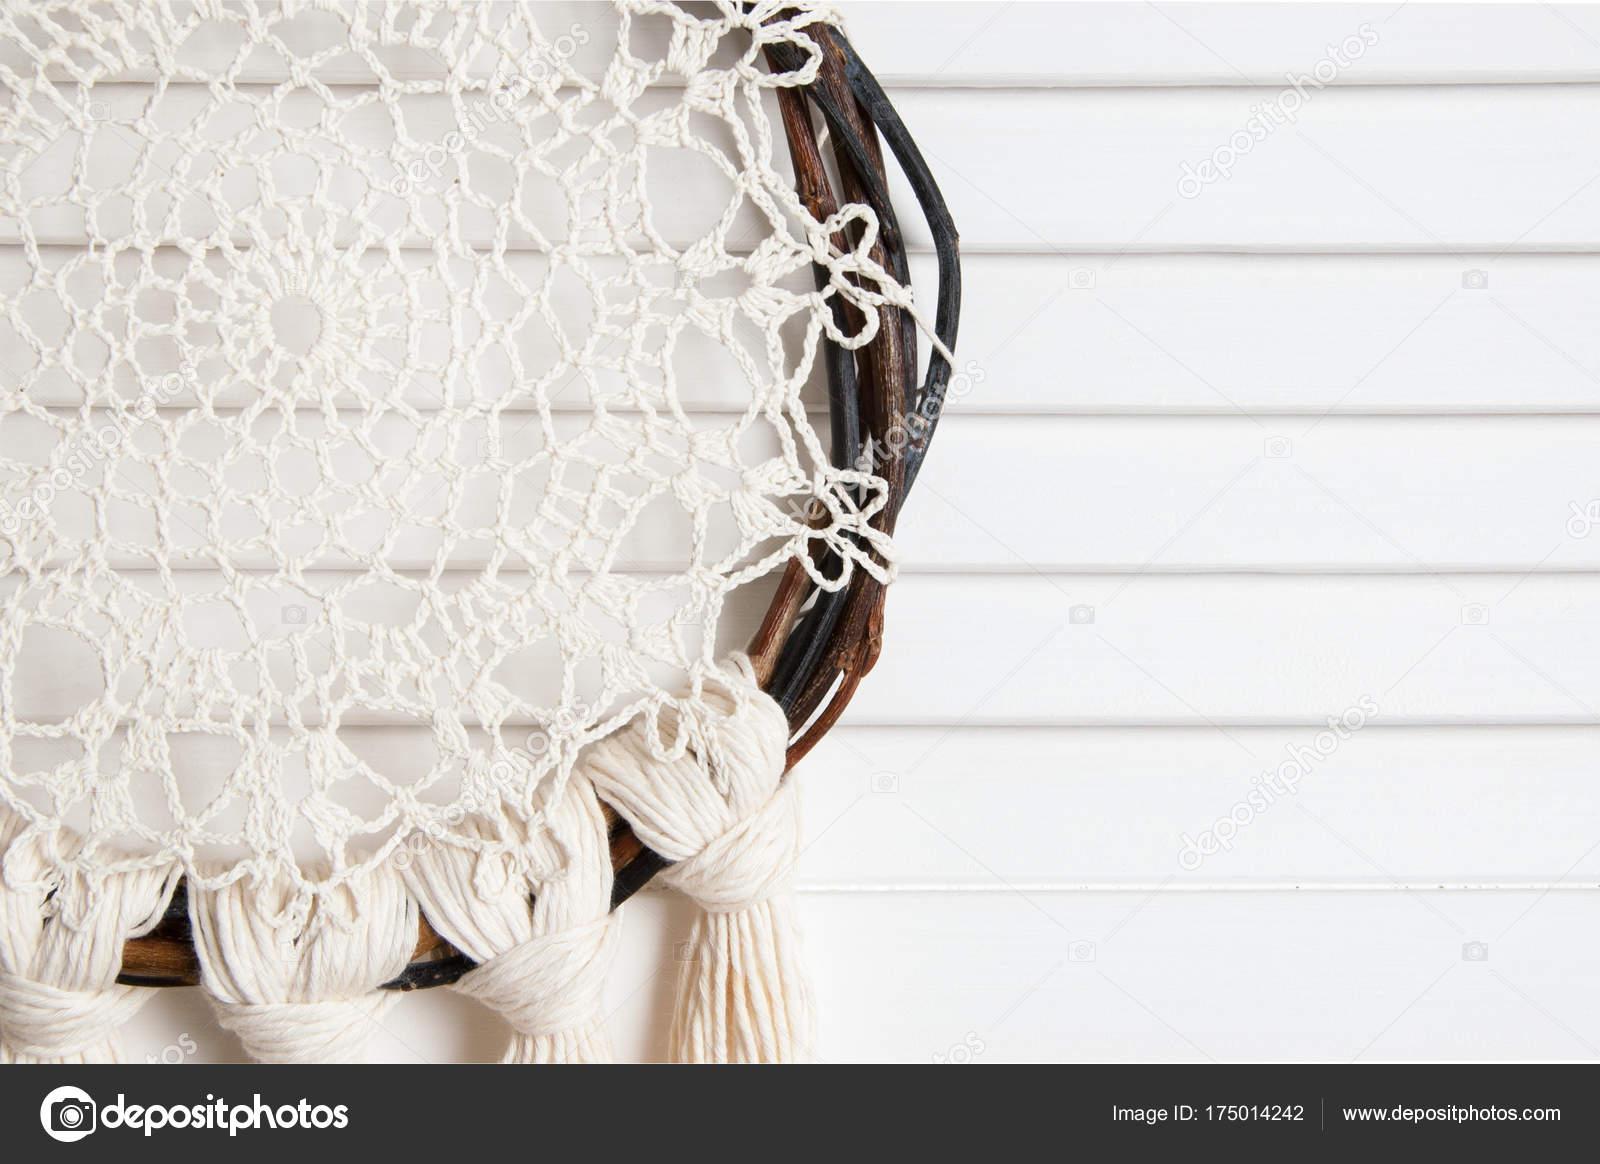 Crema atrapasueños tapetito de ganchillo — Foto de stock © voisine ...